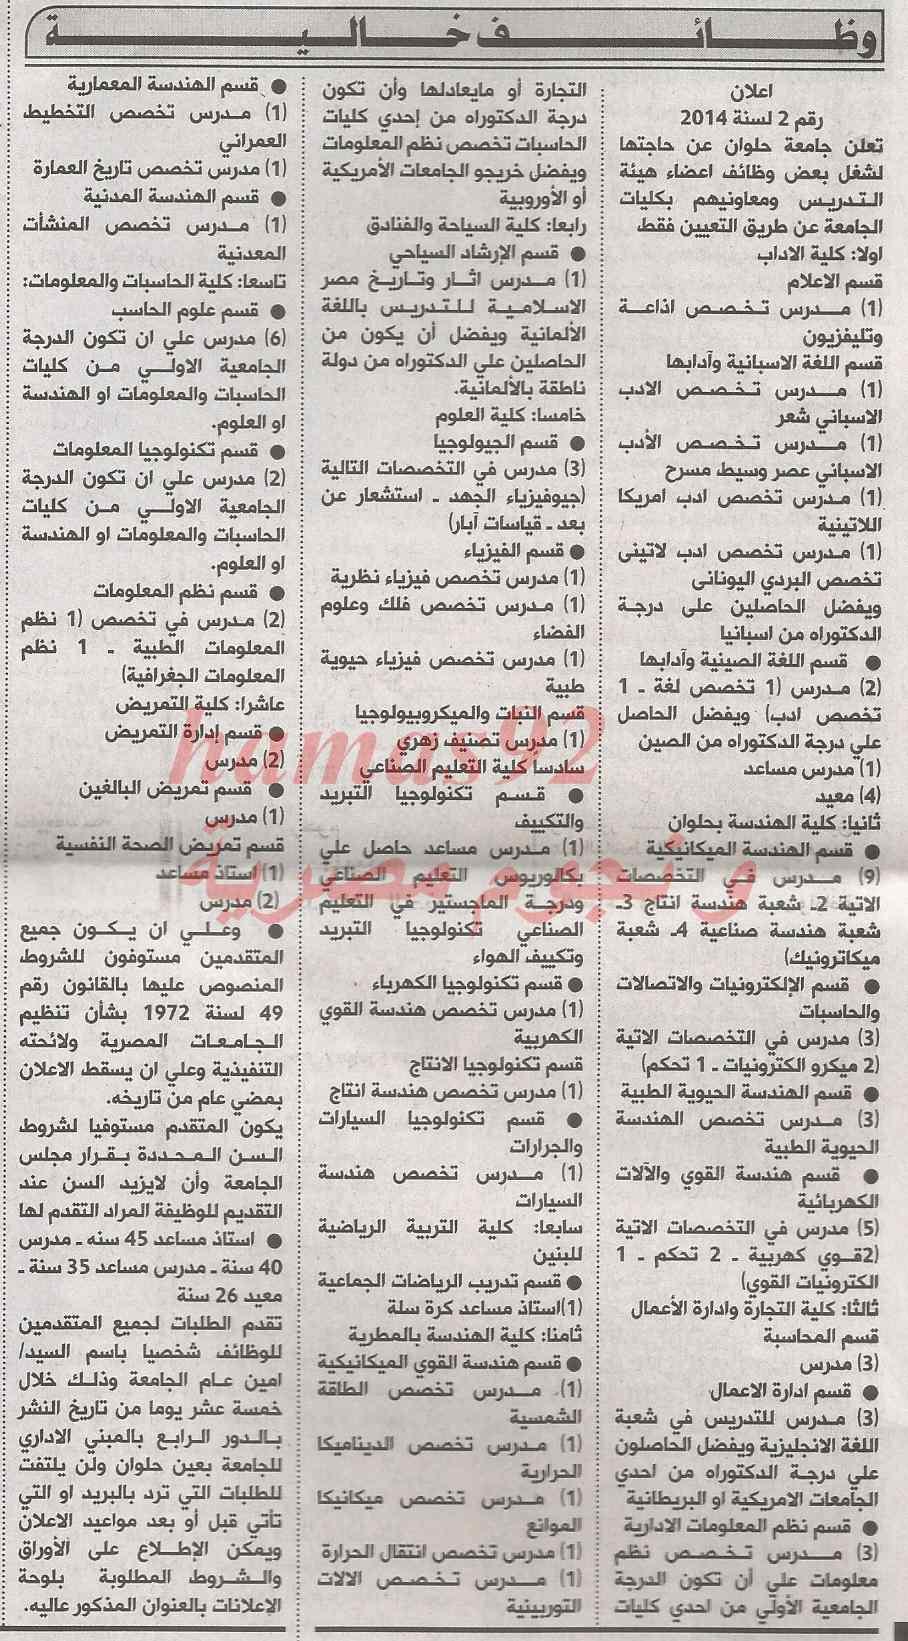 وظائف الصحف المصرية 27 فبراير 2014 , وظائف جريدة الاخبار اليوم الخميس 27-2-2014